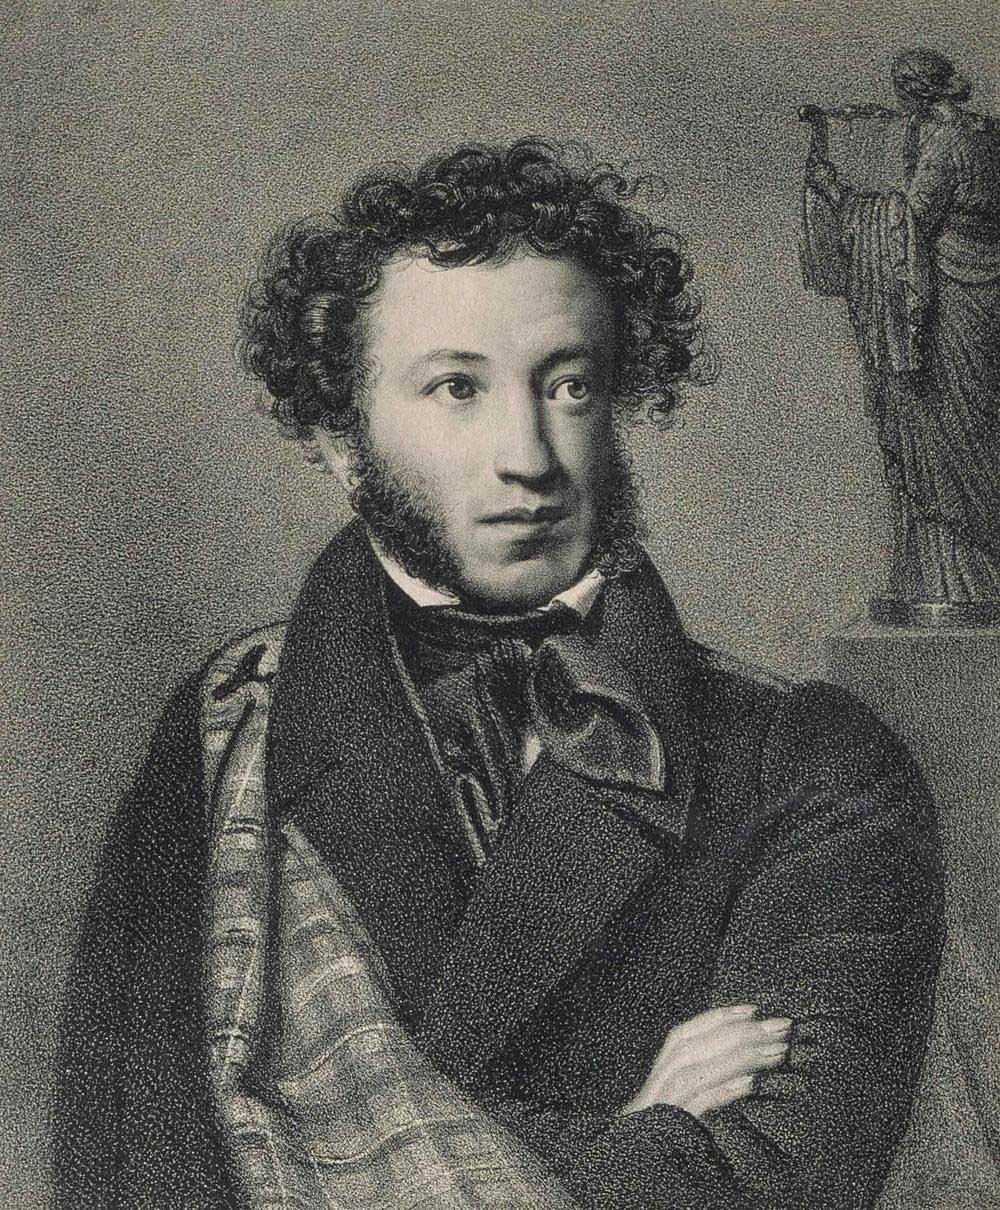 Картинки на пушкина